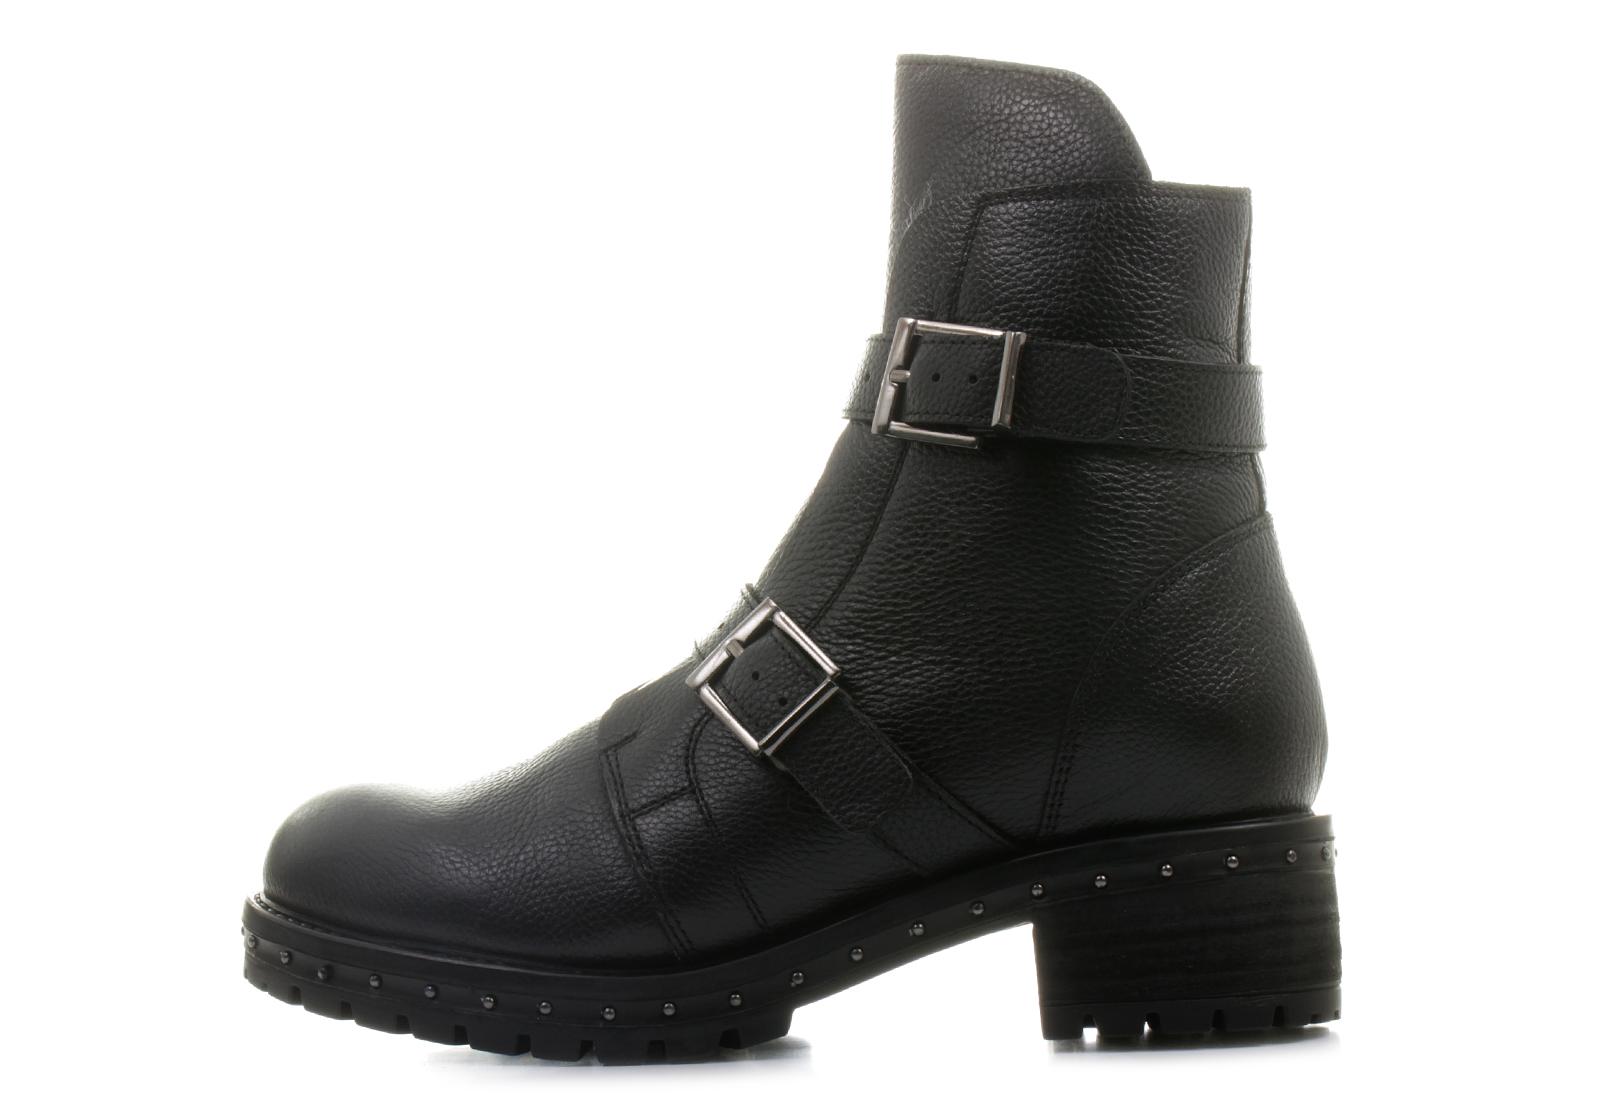 bronx boots 47013 d 188 47013 d 188 shop for